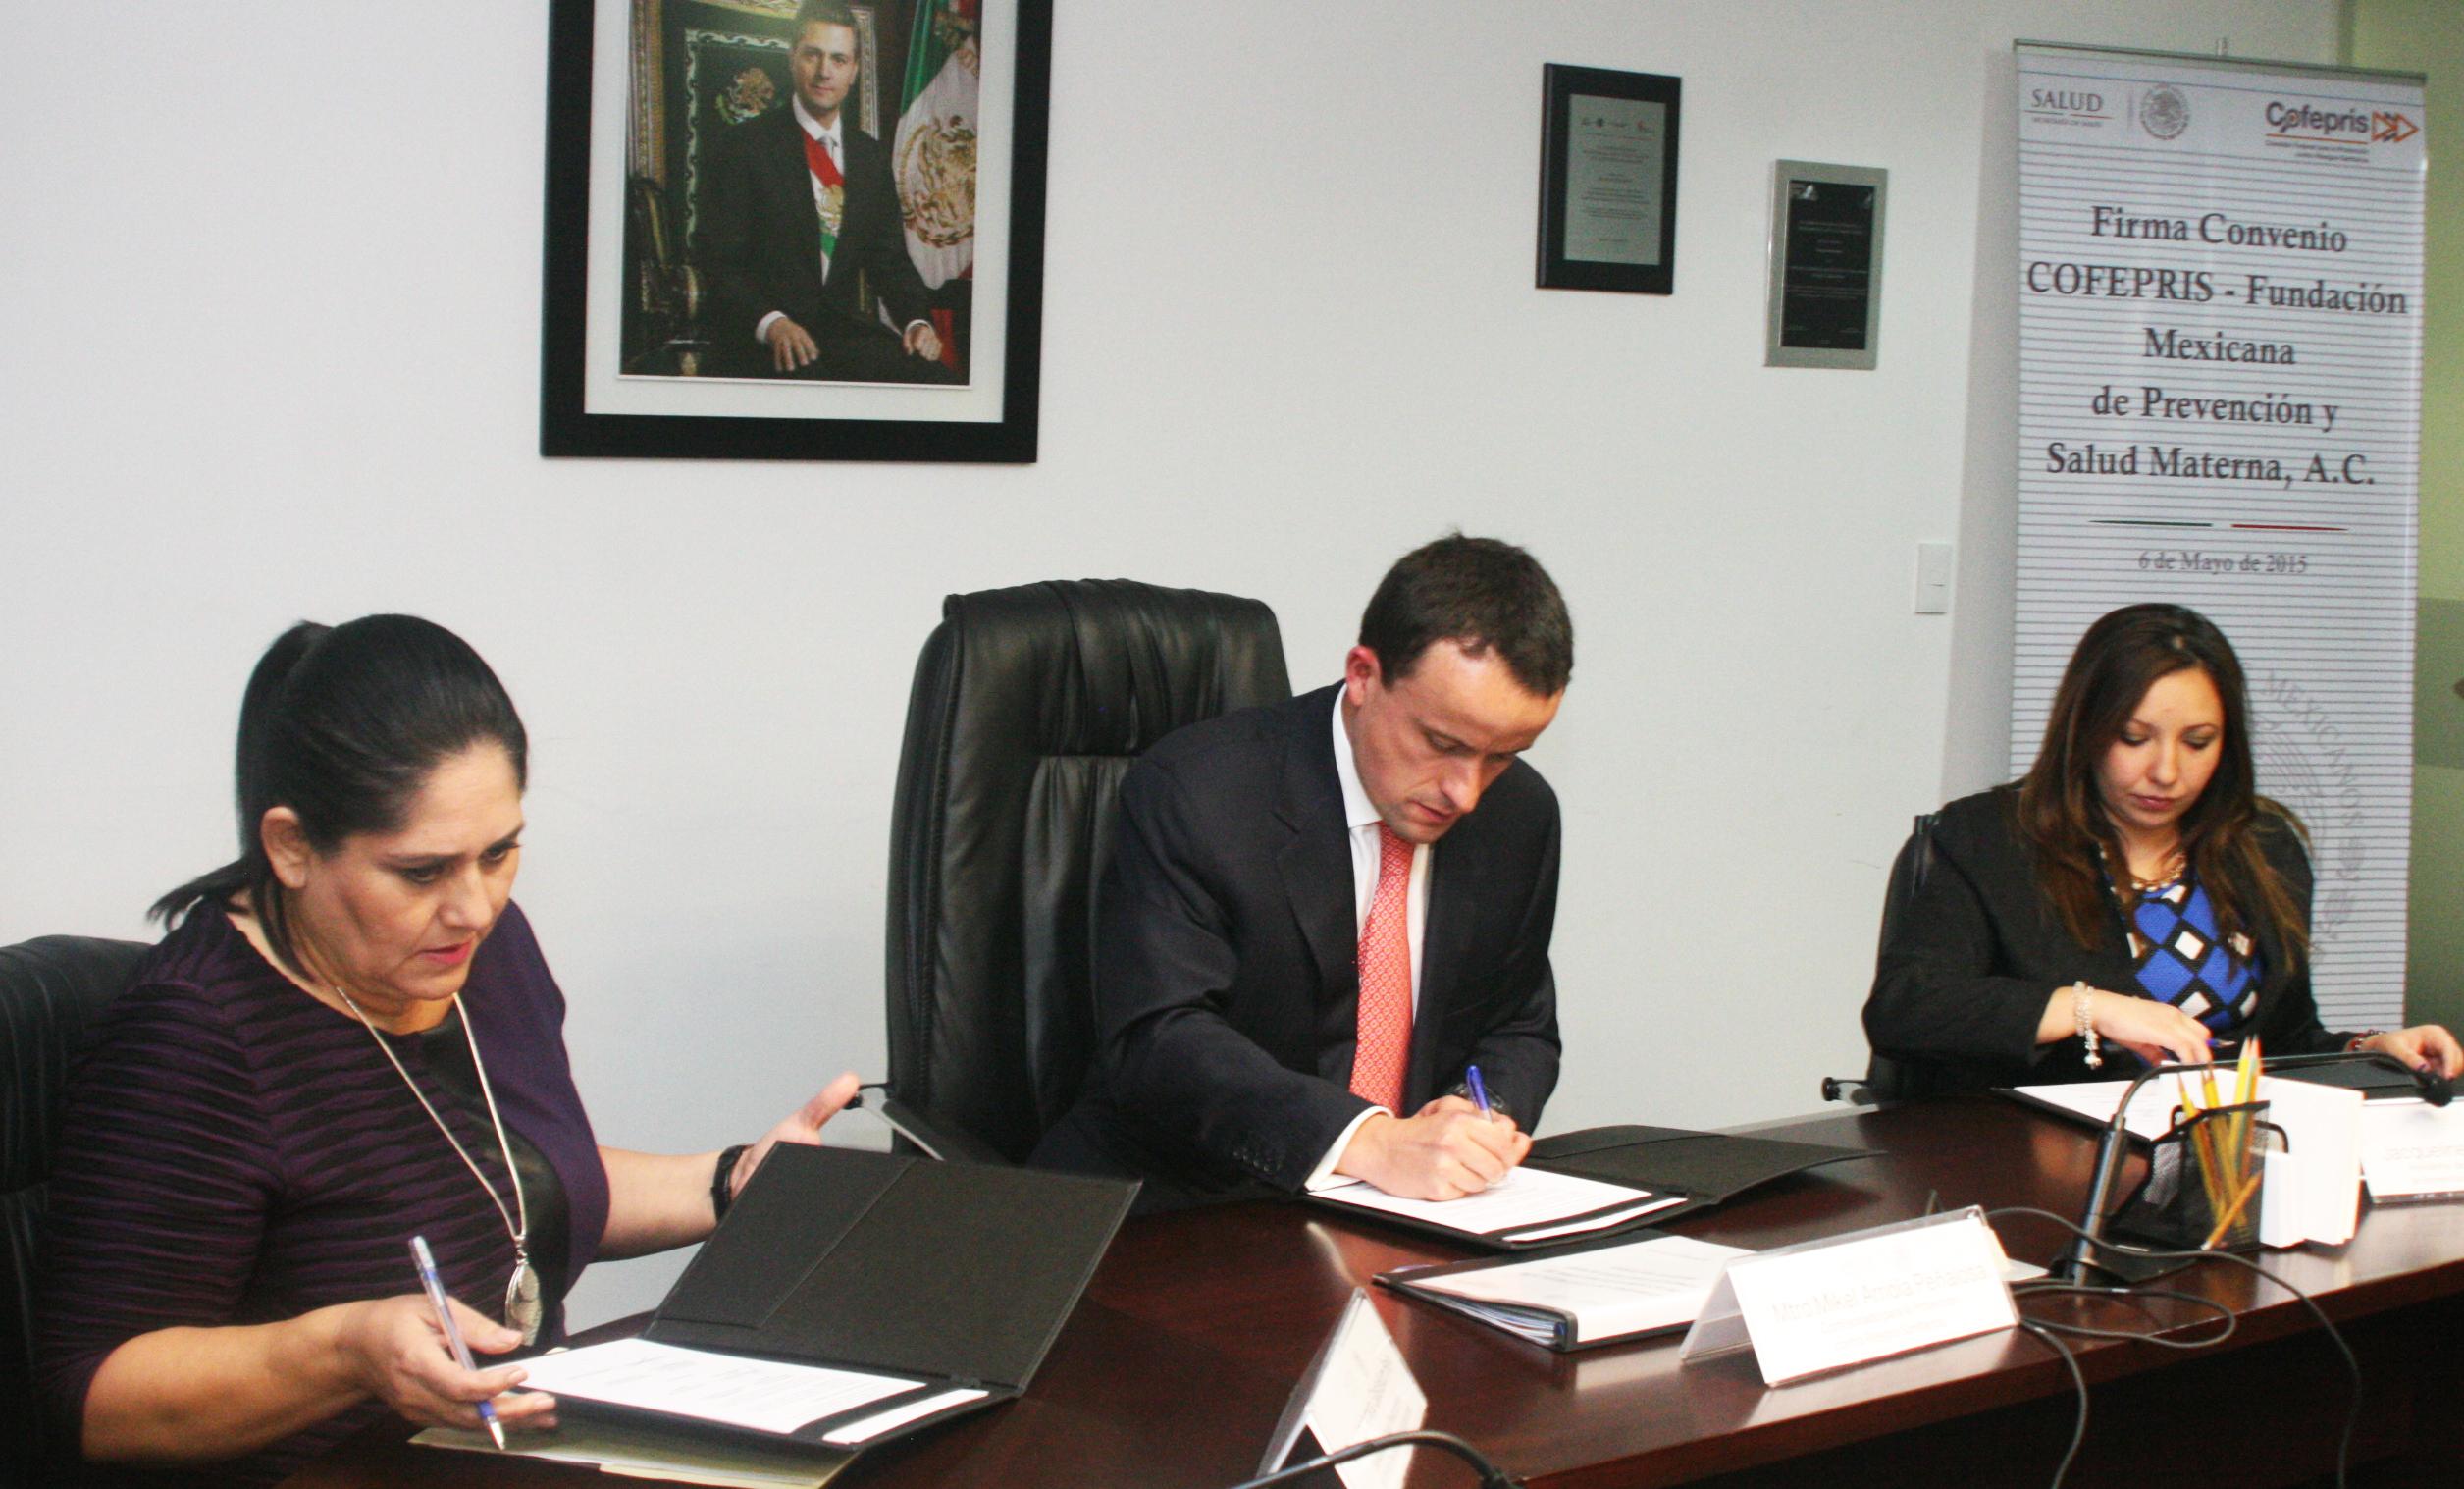 COFEPRIS y la Fundación Mexicana de Prevención y Salud Materna A.C firmaron un Convenio de Colaboración.